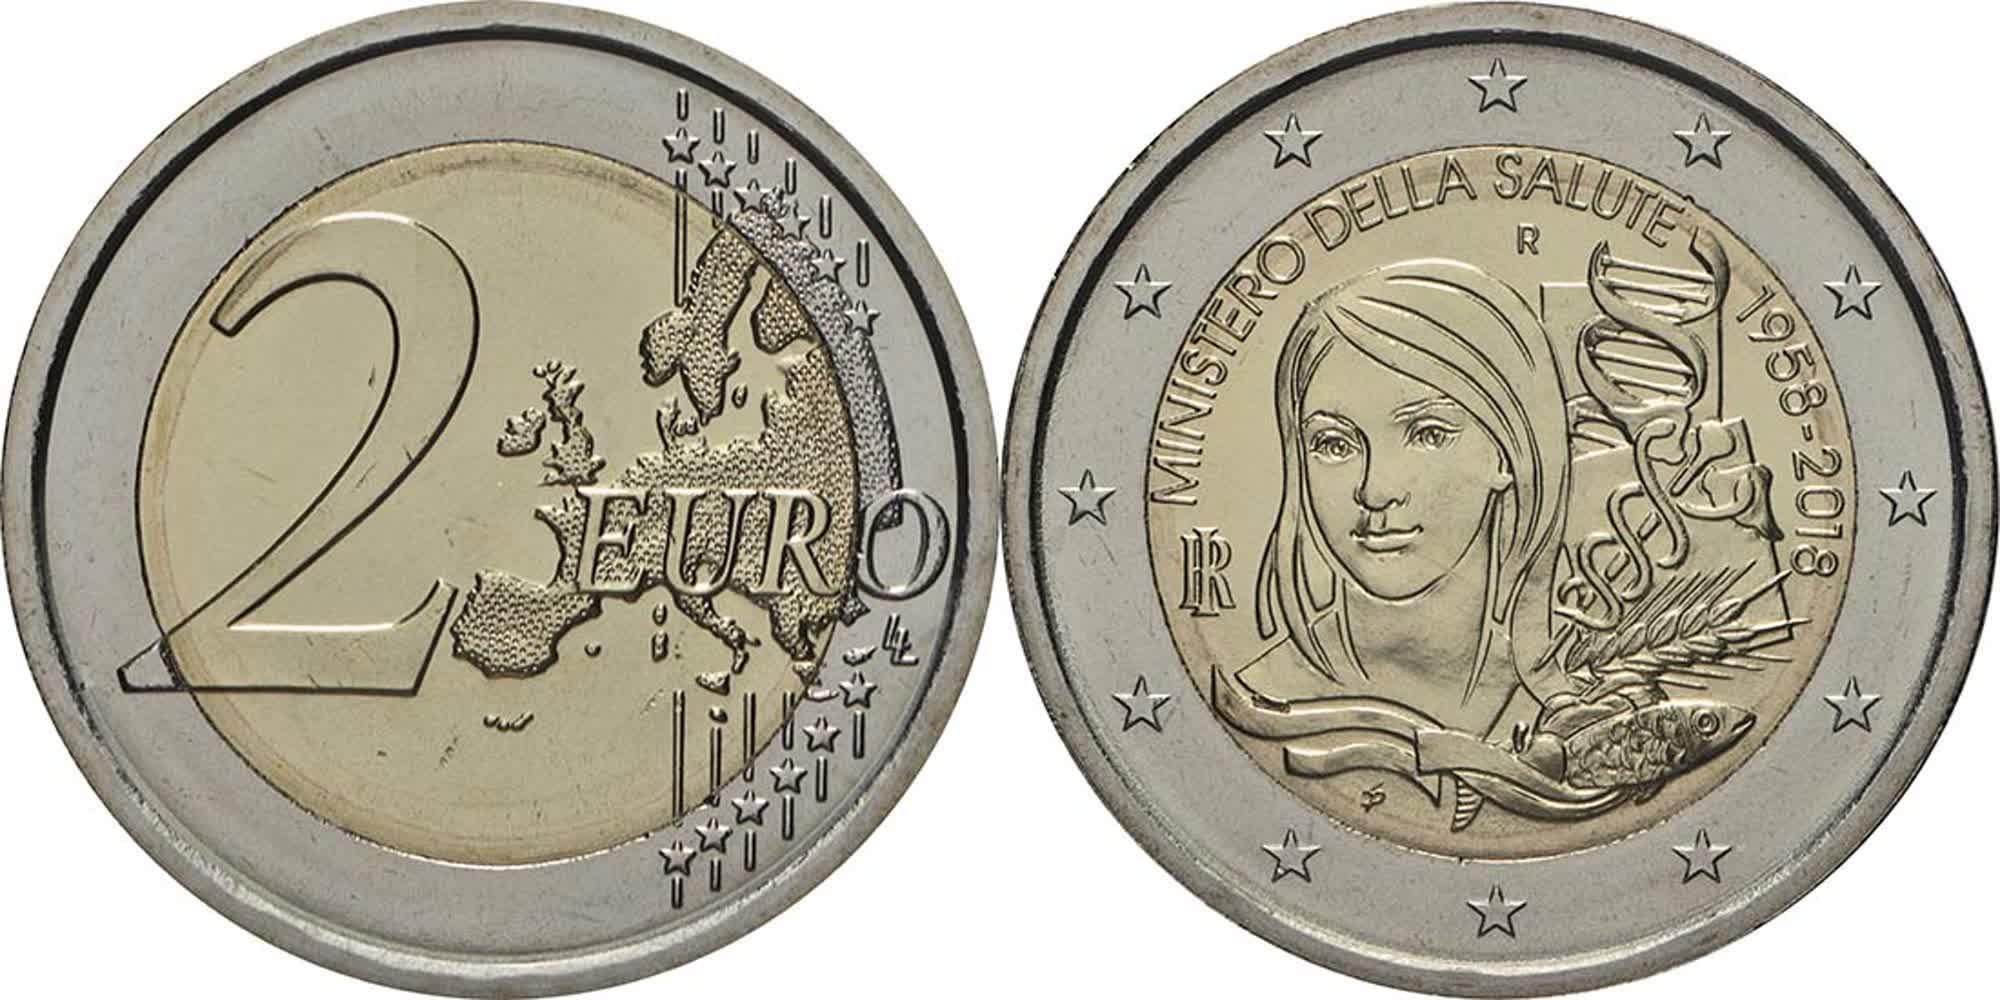 Münzen Online-Shop der Münzenhandlung Tobias Honscha Seite 95